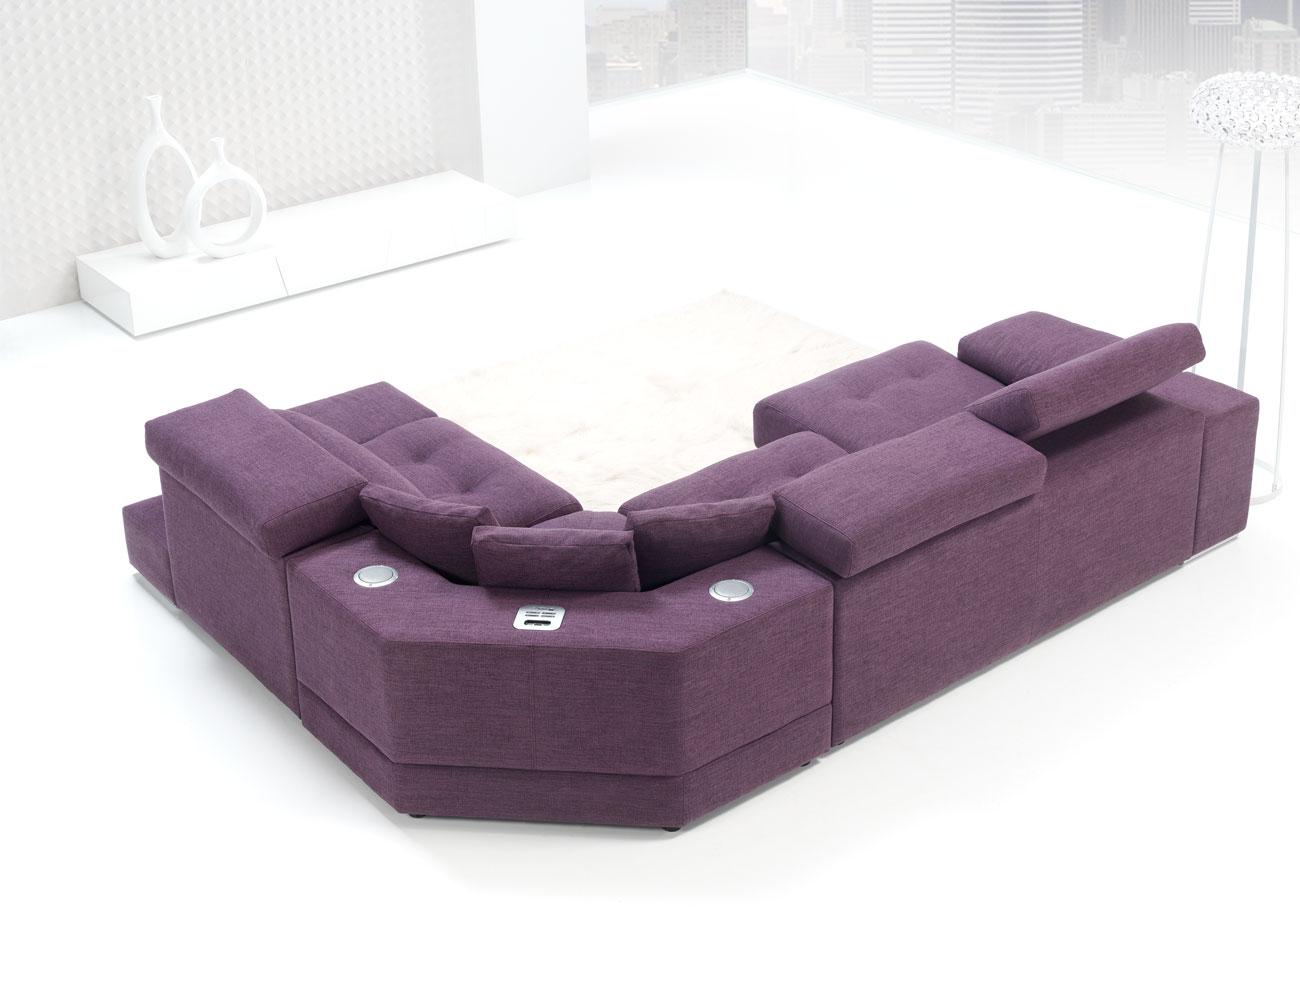 Sofa chaiselongue rincon con brazo mecanico tejido anti manchas 311